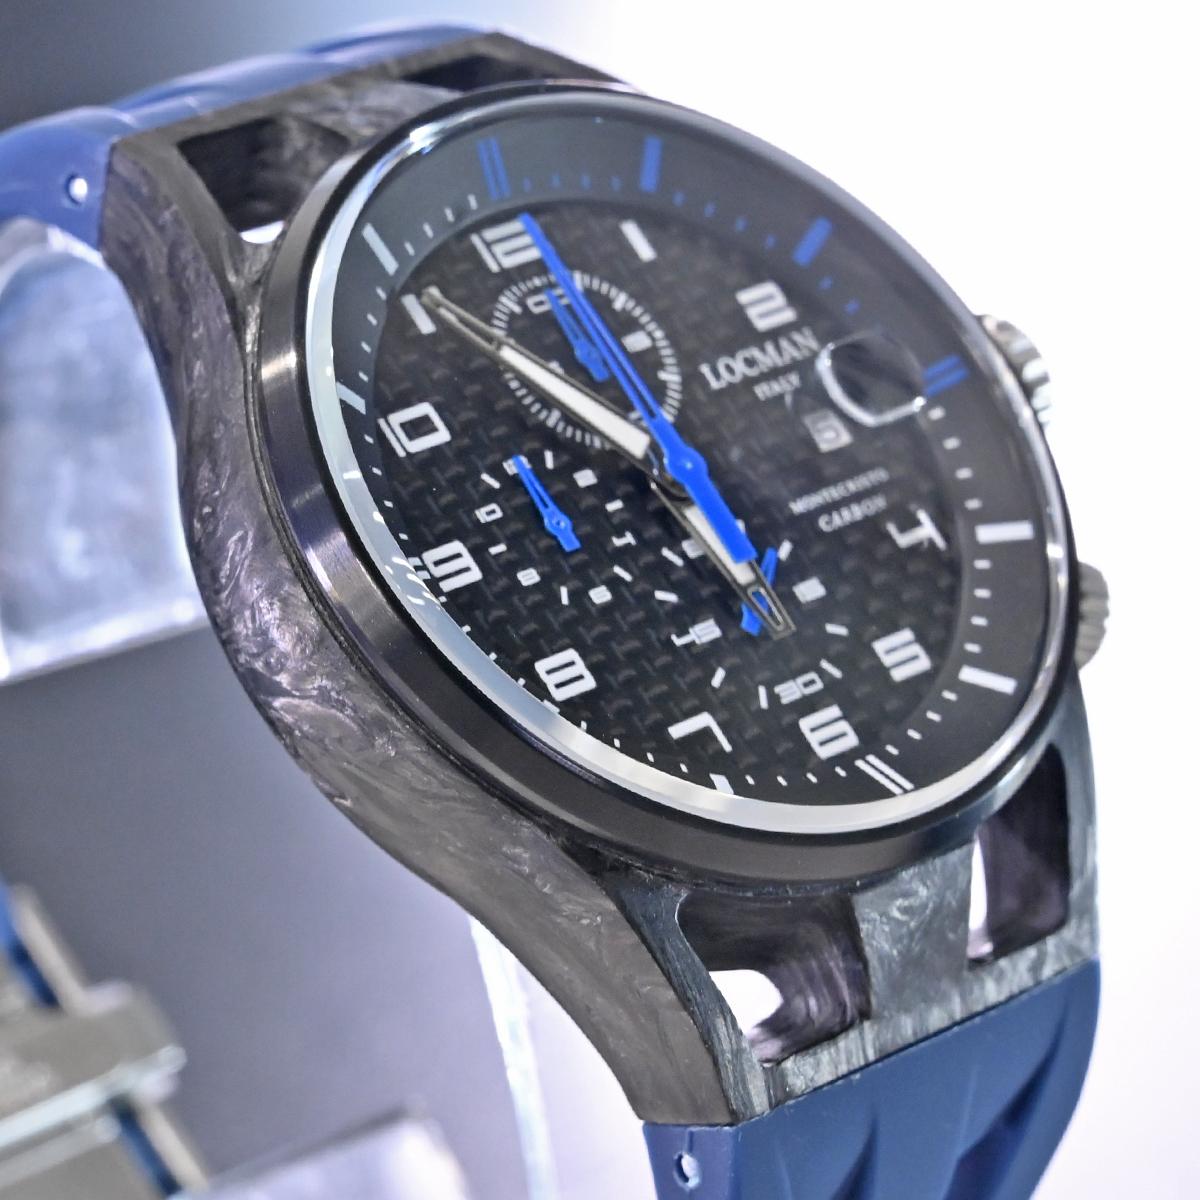 本物 新品 ロックマン 極希少 フォージドカーボン MONTECRISTO CARBON クロノグラフ メンズウォッチ 男性用腕時計 元箱 冊子付 LOCMAN_画像5